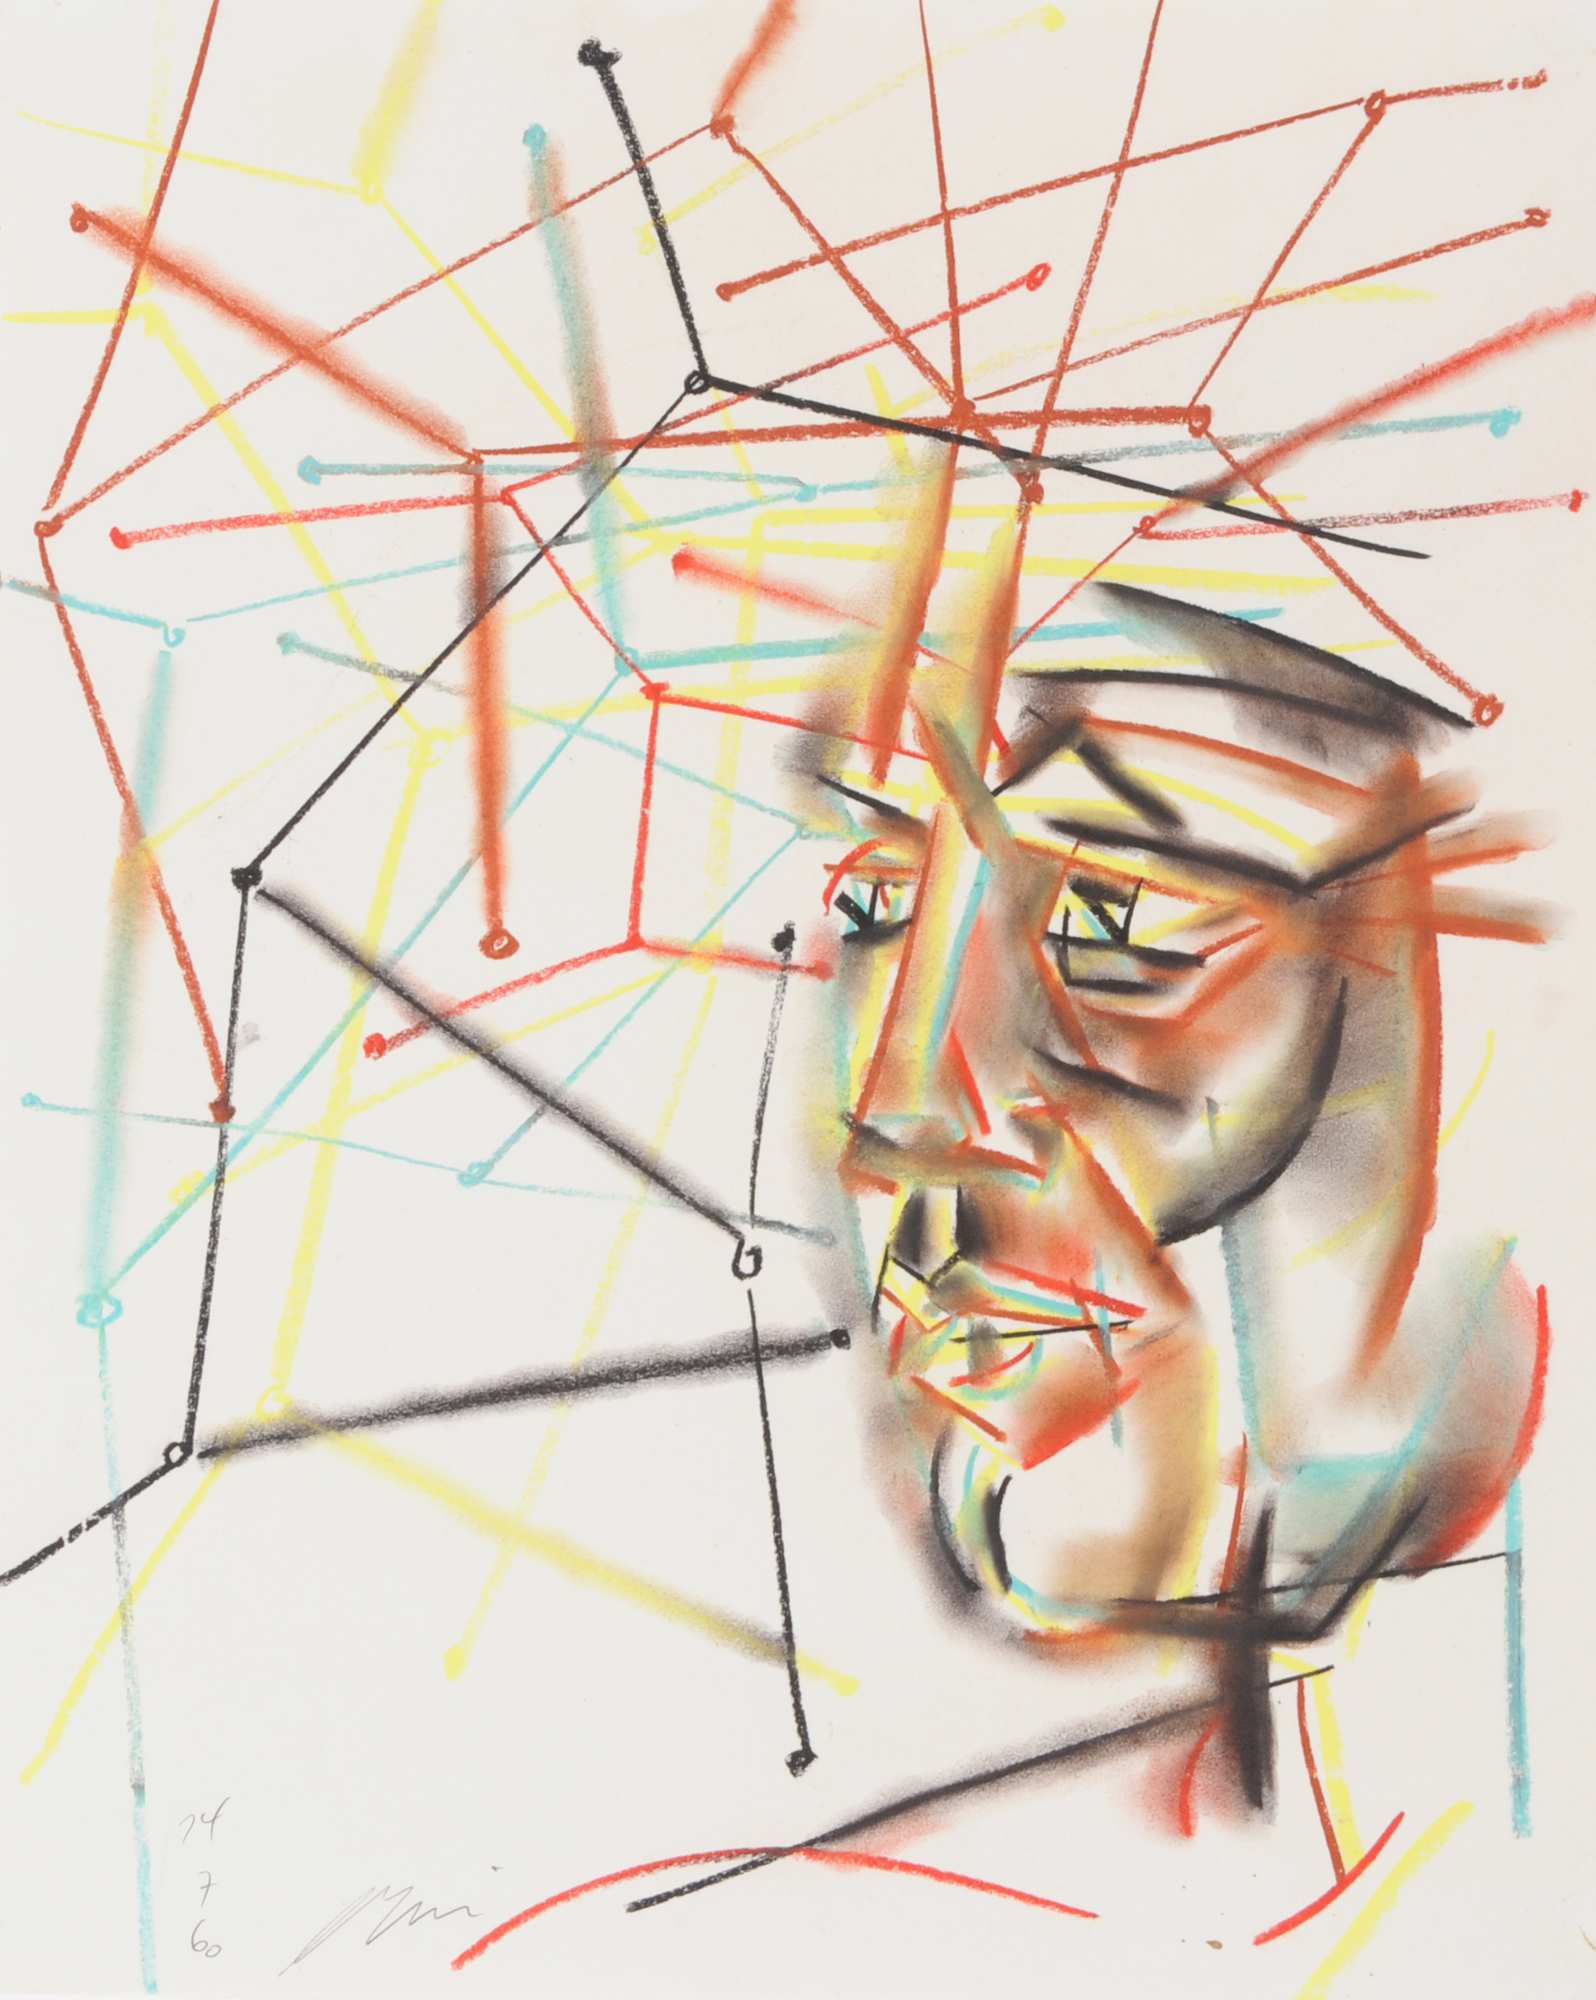 Erni Hans, Abstrakter Kopf (Abstract Head)